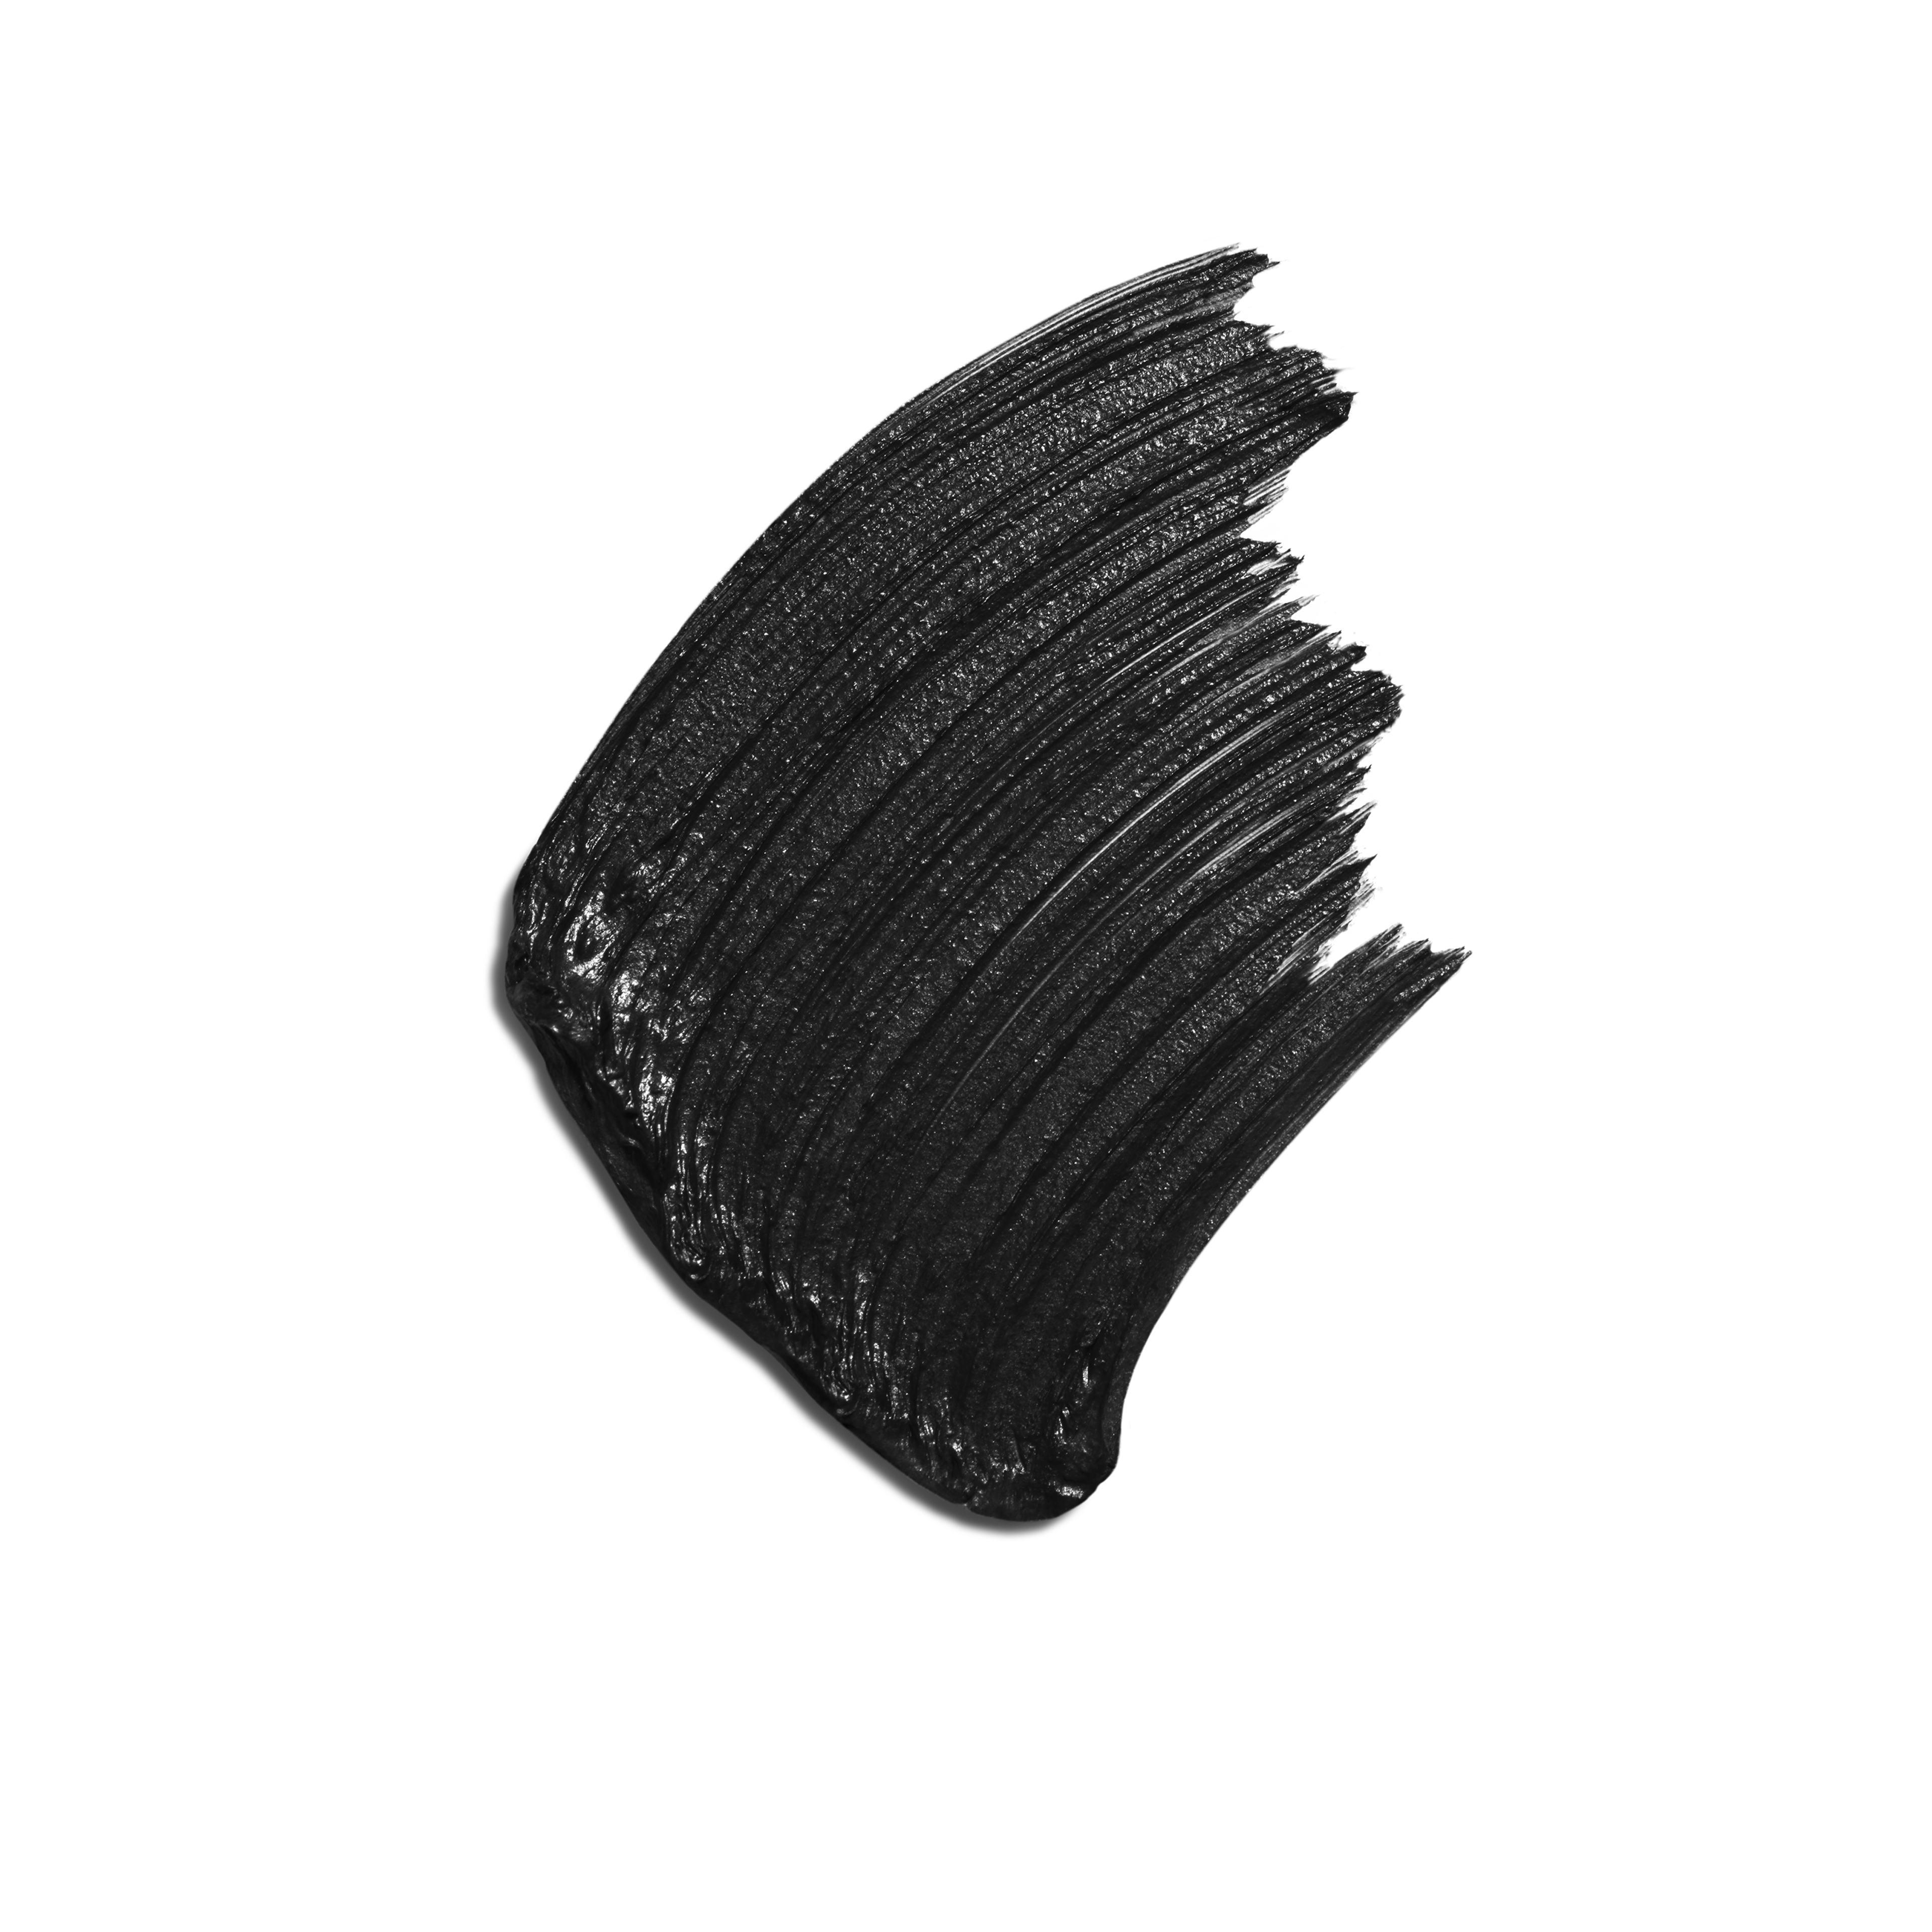 LE VOLUME DE CHANEL - makeup - 6g - Basic texture view